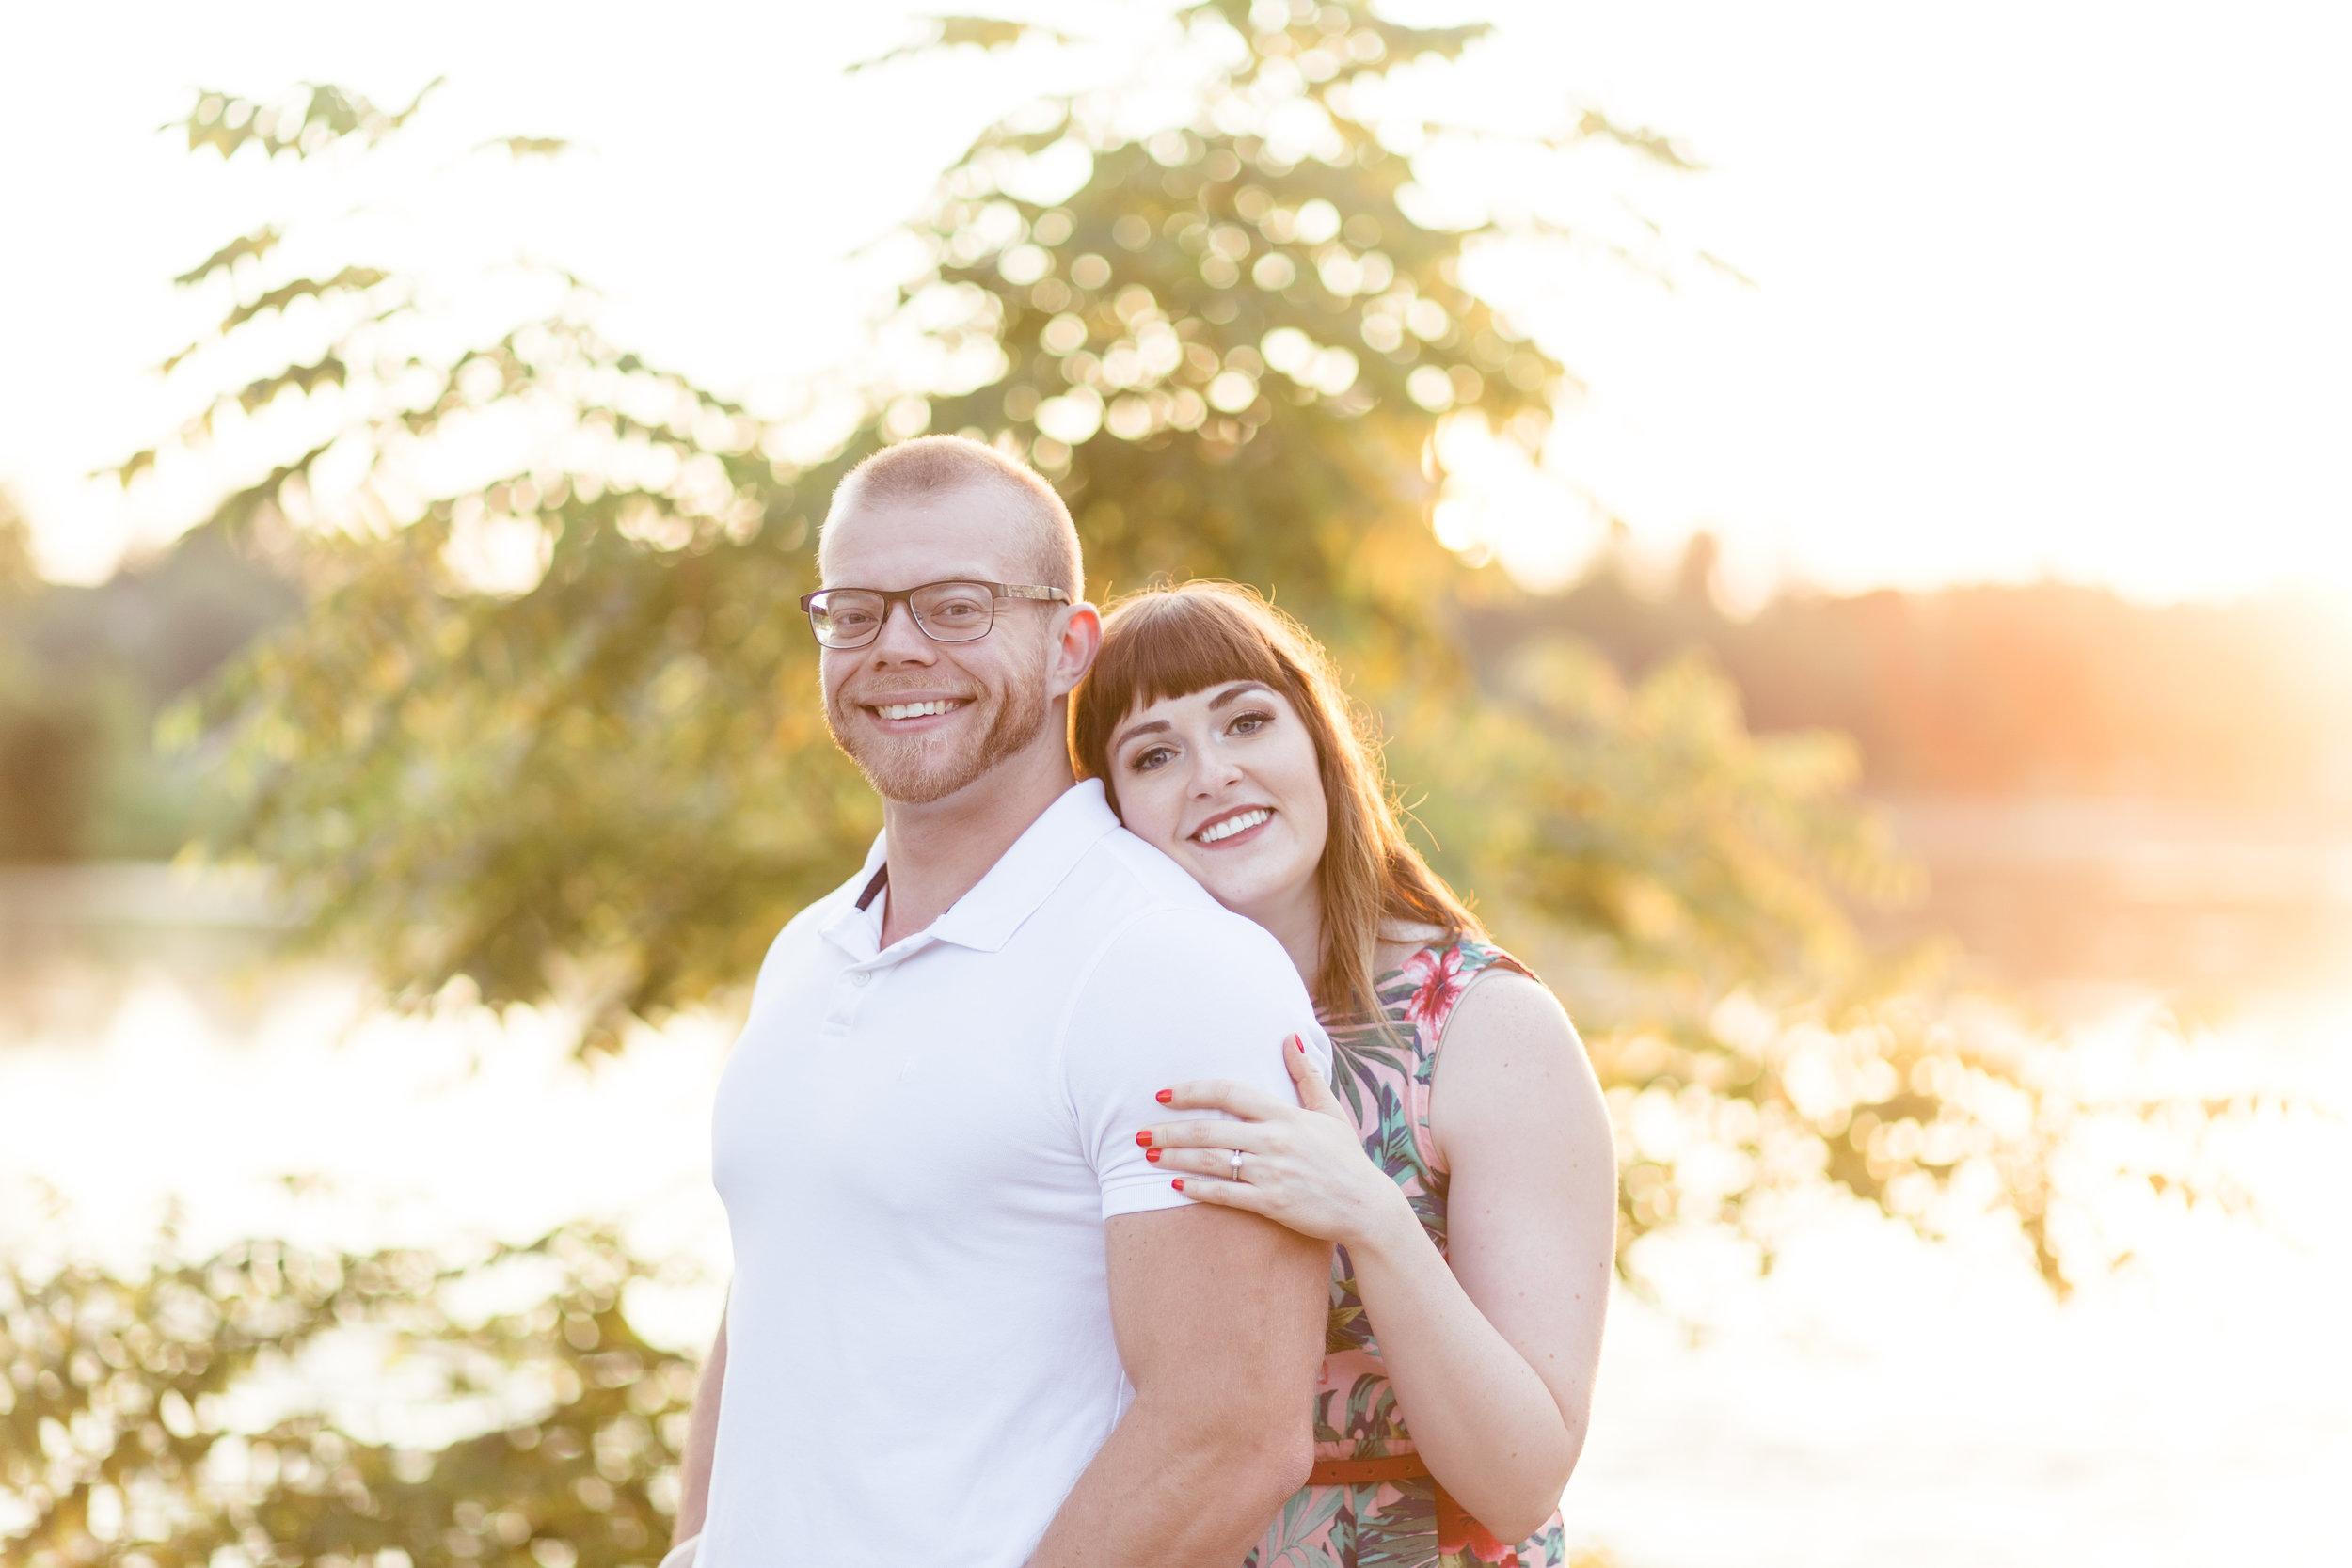 Chloe & Matt Engagement Final Images-5.jpg